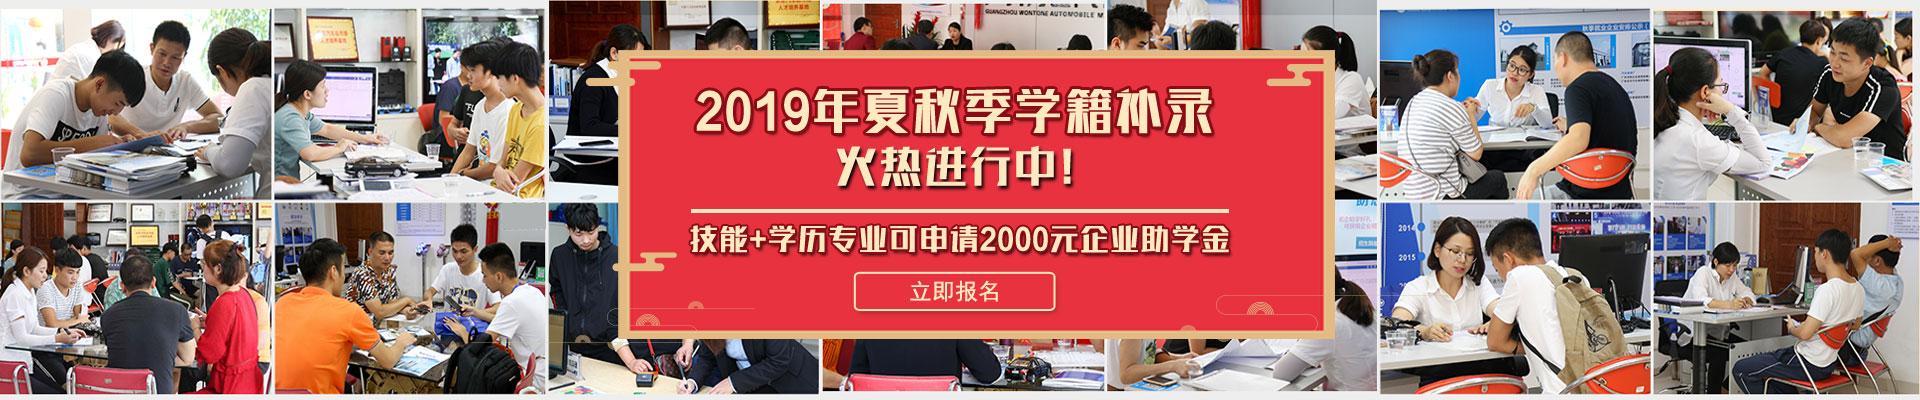 学籍补录中-武汉万通汽修学校